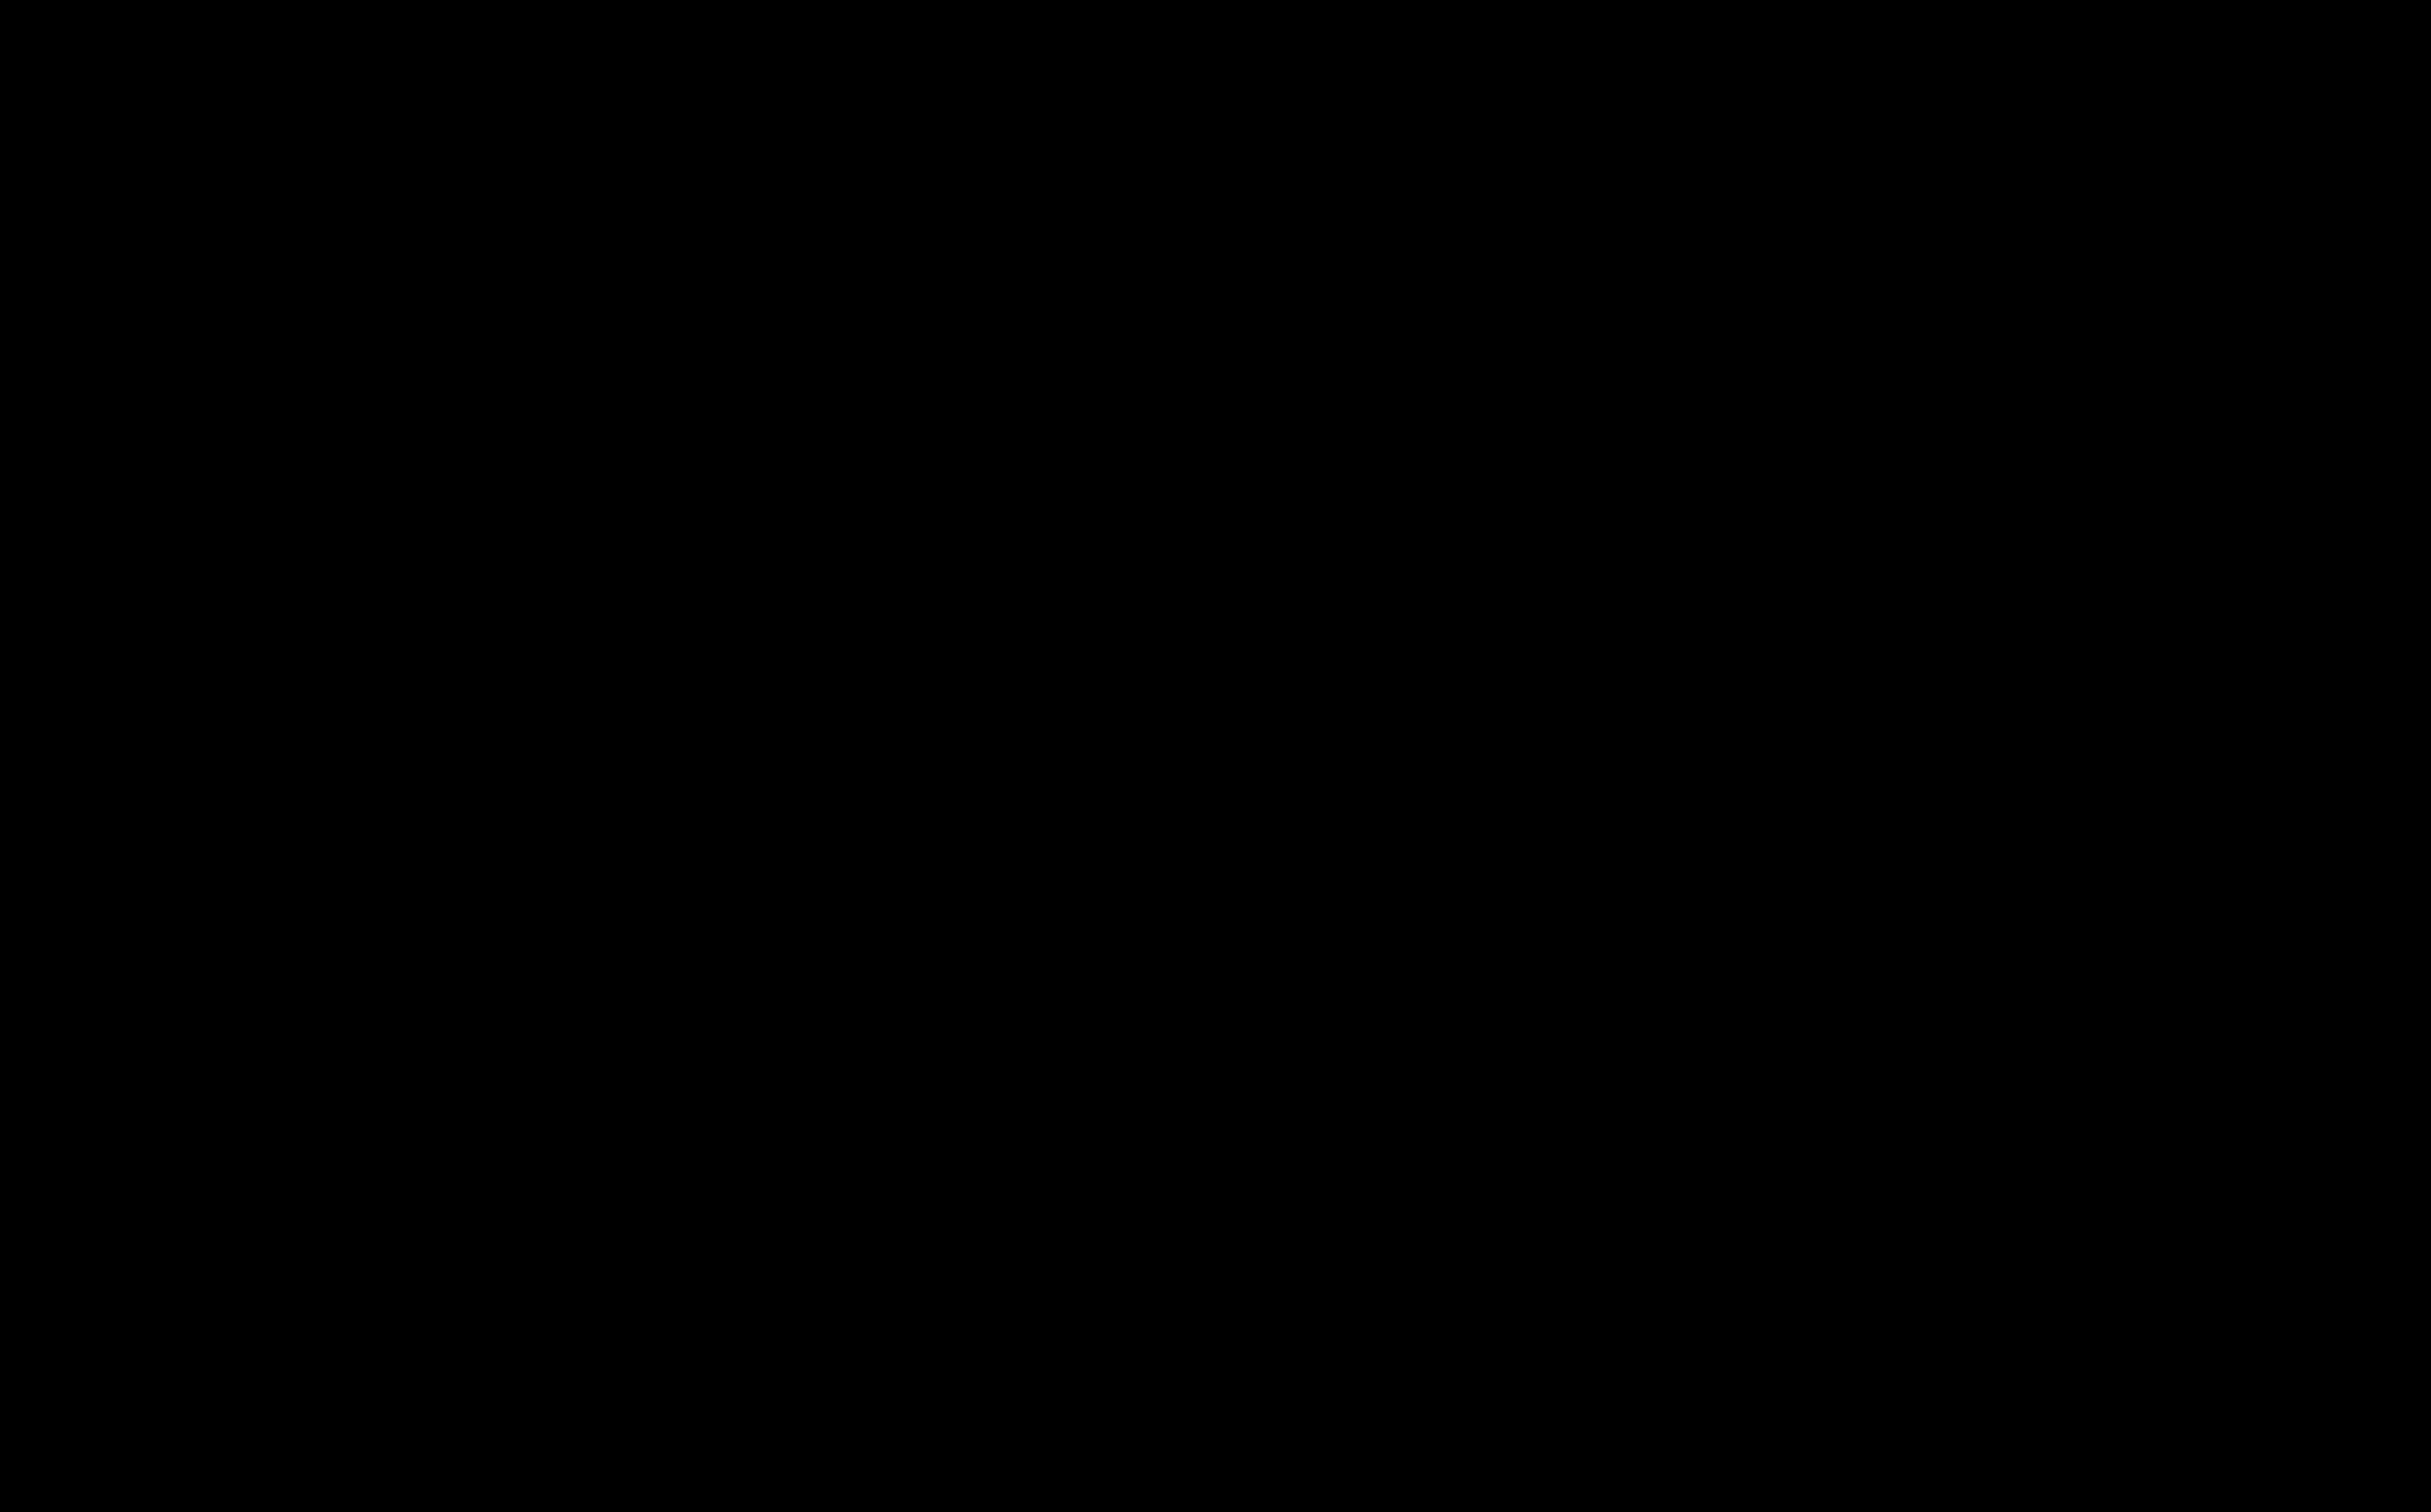 Prosiect Llongau-U Yn Coffau'r Rhyfel ar y Mor